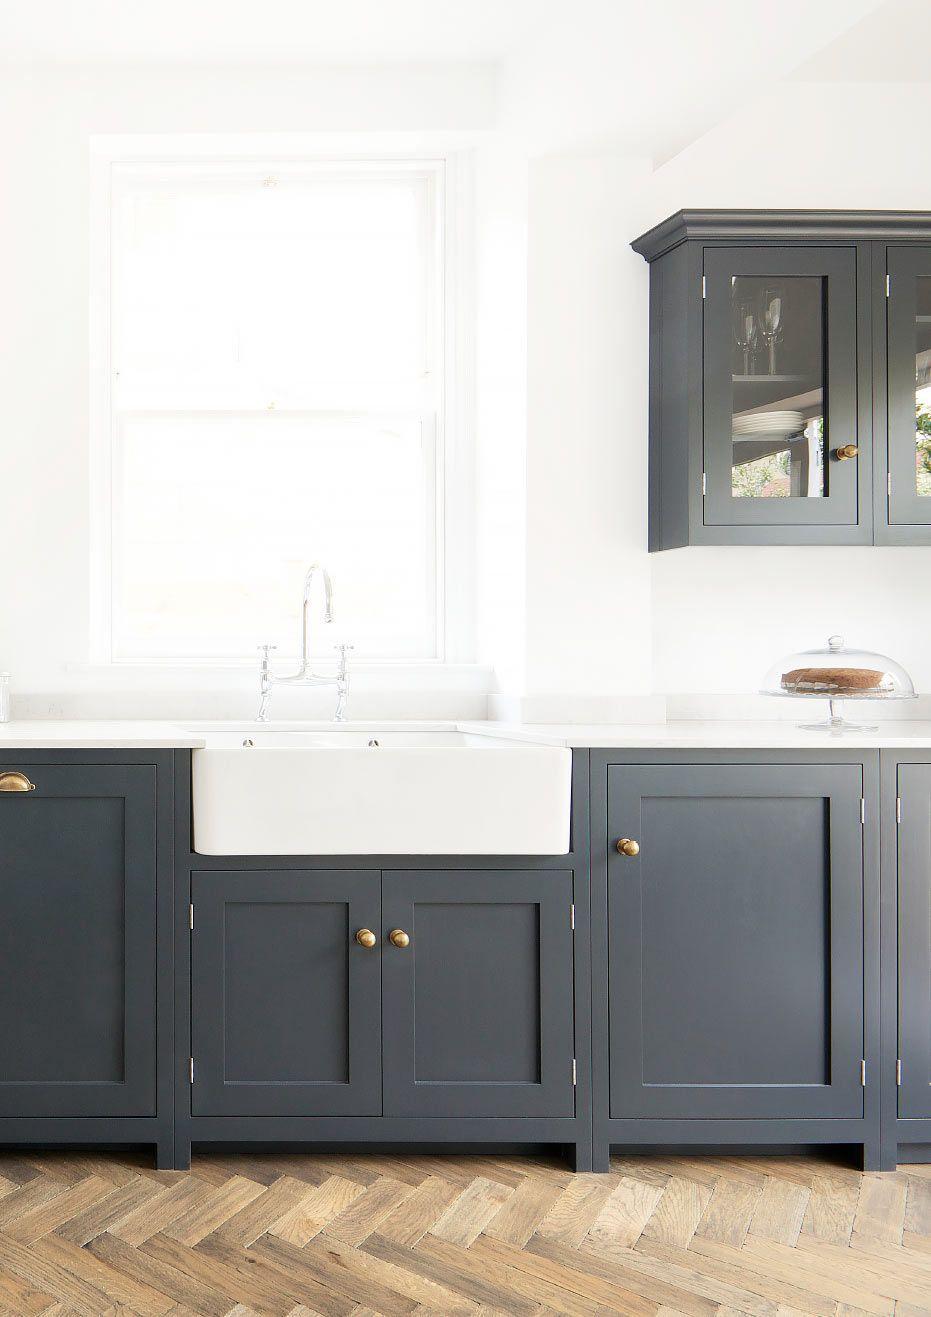 Shaker Kitchen Brochure Devol Kitchens Kitchen Cabinet Styles Shaker Style Kitchen Cabinets Navy Kitchen Cabinets